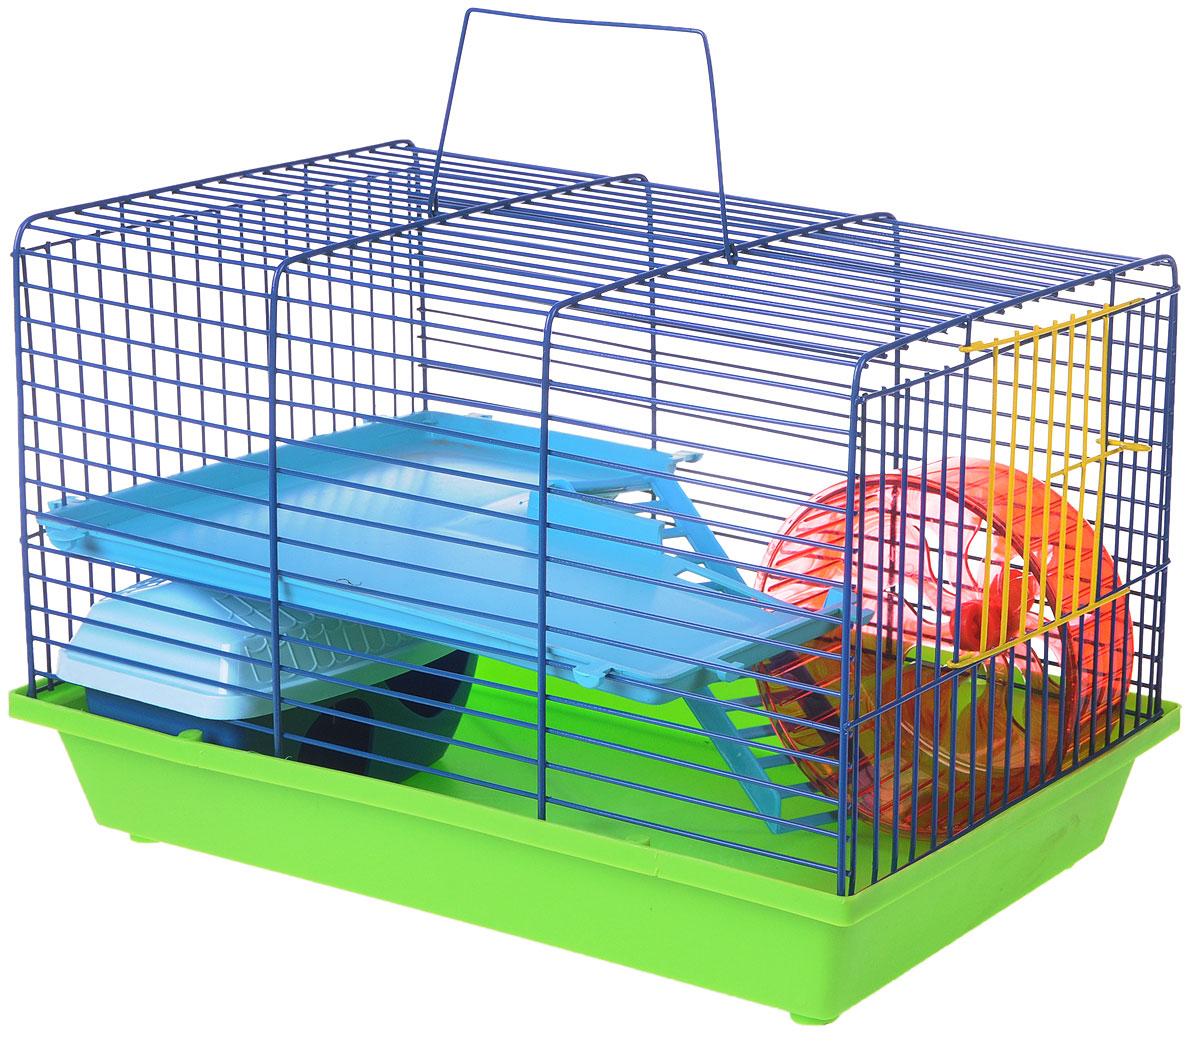 Клетка для грызунов ЗооМарк, 2-этажная, цвет: салатовый поддон, синяя решетка, голубой этаж, 36 х 23 х 24 см125_салатовый, синий, голубойКлетка ЗооМарк, выполненная из полипропилена и металла, подходит для мелких грызунов. Изделие двухэтажное, оборудовано колесом для подвижных игр и пластиковым домиком. Клетка имеет яркий поддон, удобна в использовании и легко чистится. Сверху имеется ручка для переноски, а сбоку удобная дверца. Такая клетка станет уединенным личным пространством и уютным домиком для маленького грызуна.